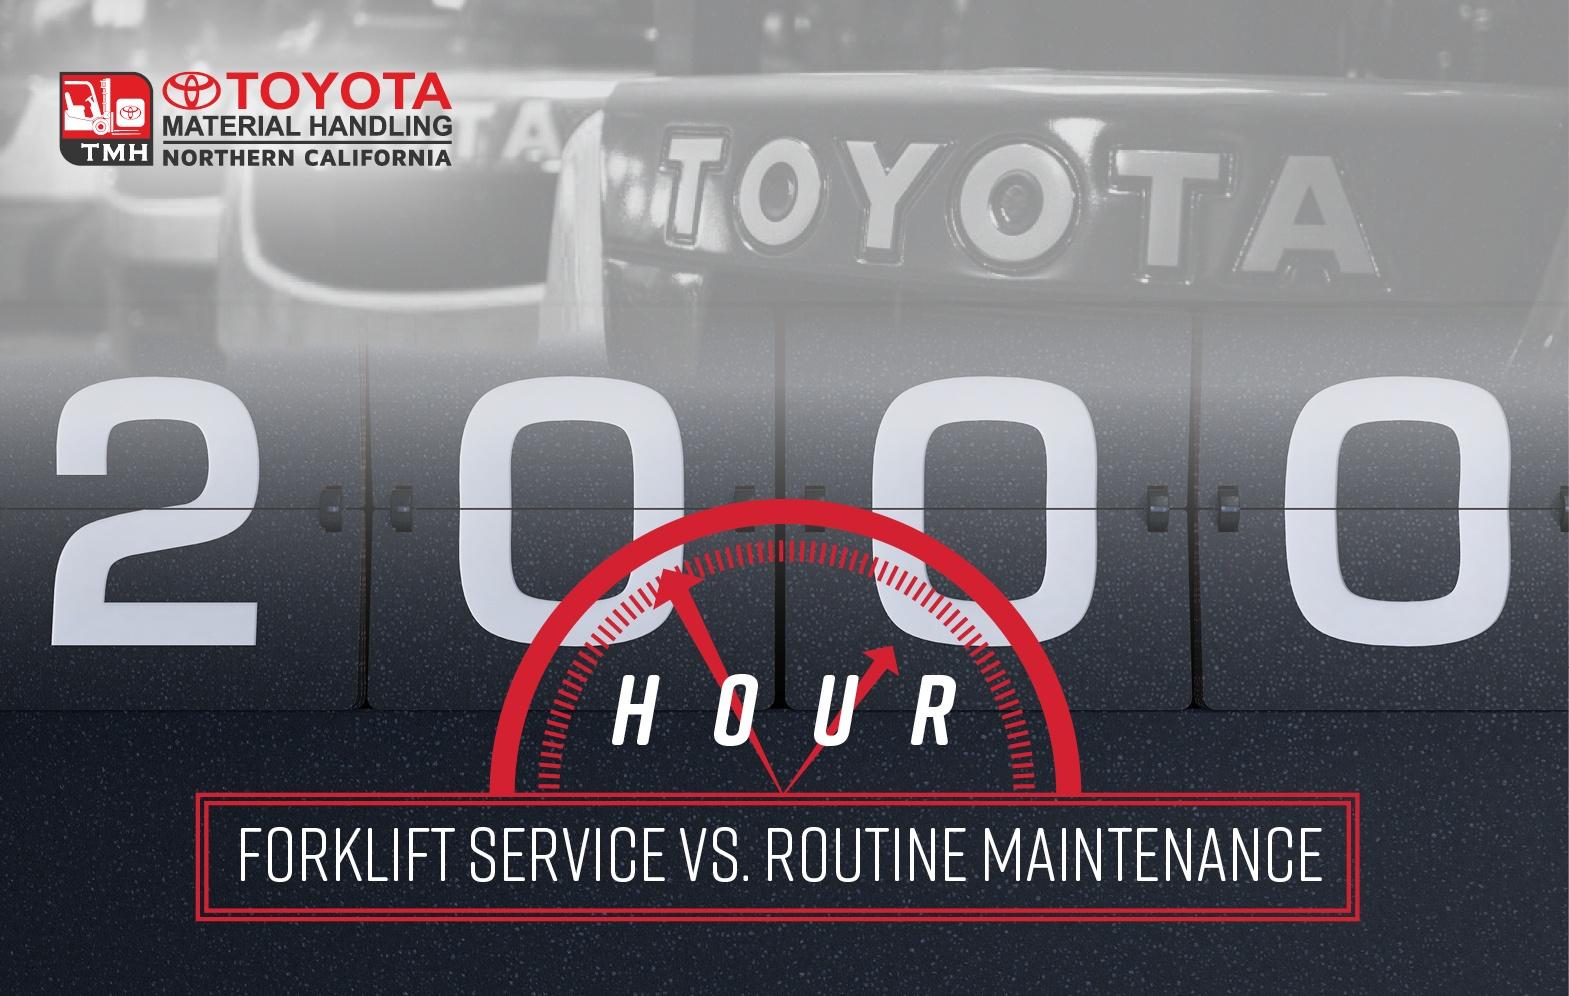 Toyota Forklift Blog Forklift Maintenance